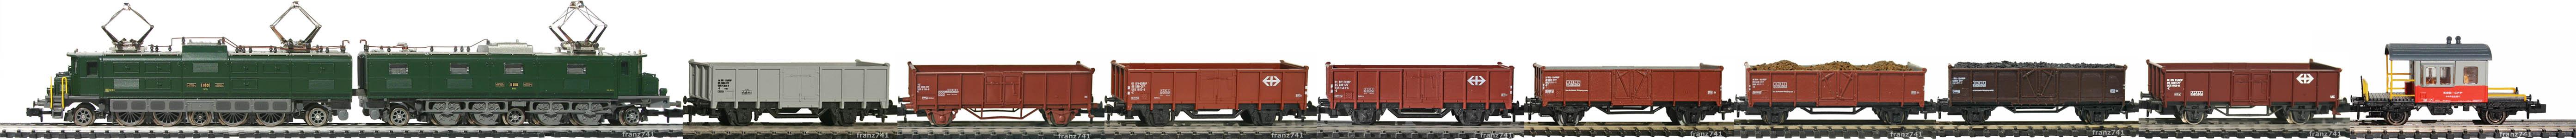 Epoche-IV-SBB-Hochbordwagen-Gueterzug_Ae-8-14-Elok-Gueterwagen-Typ-E